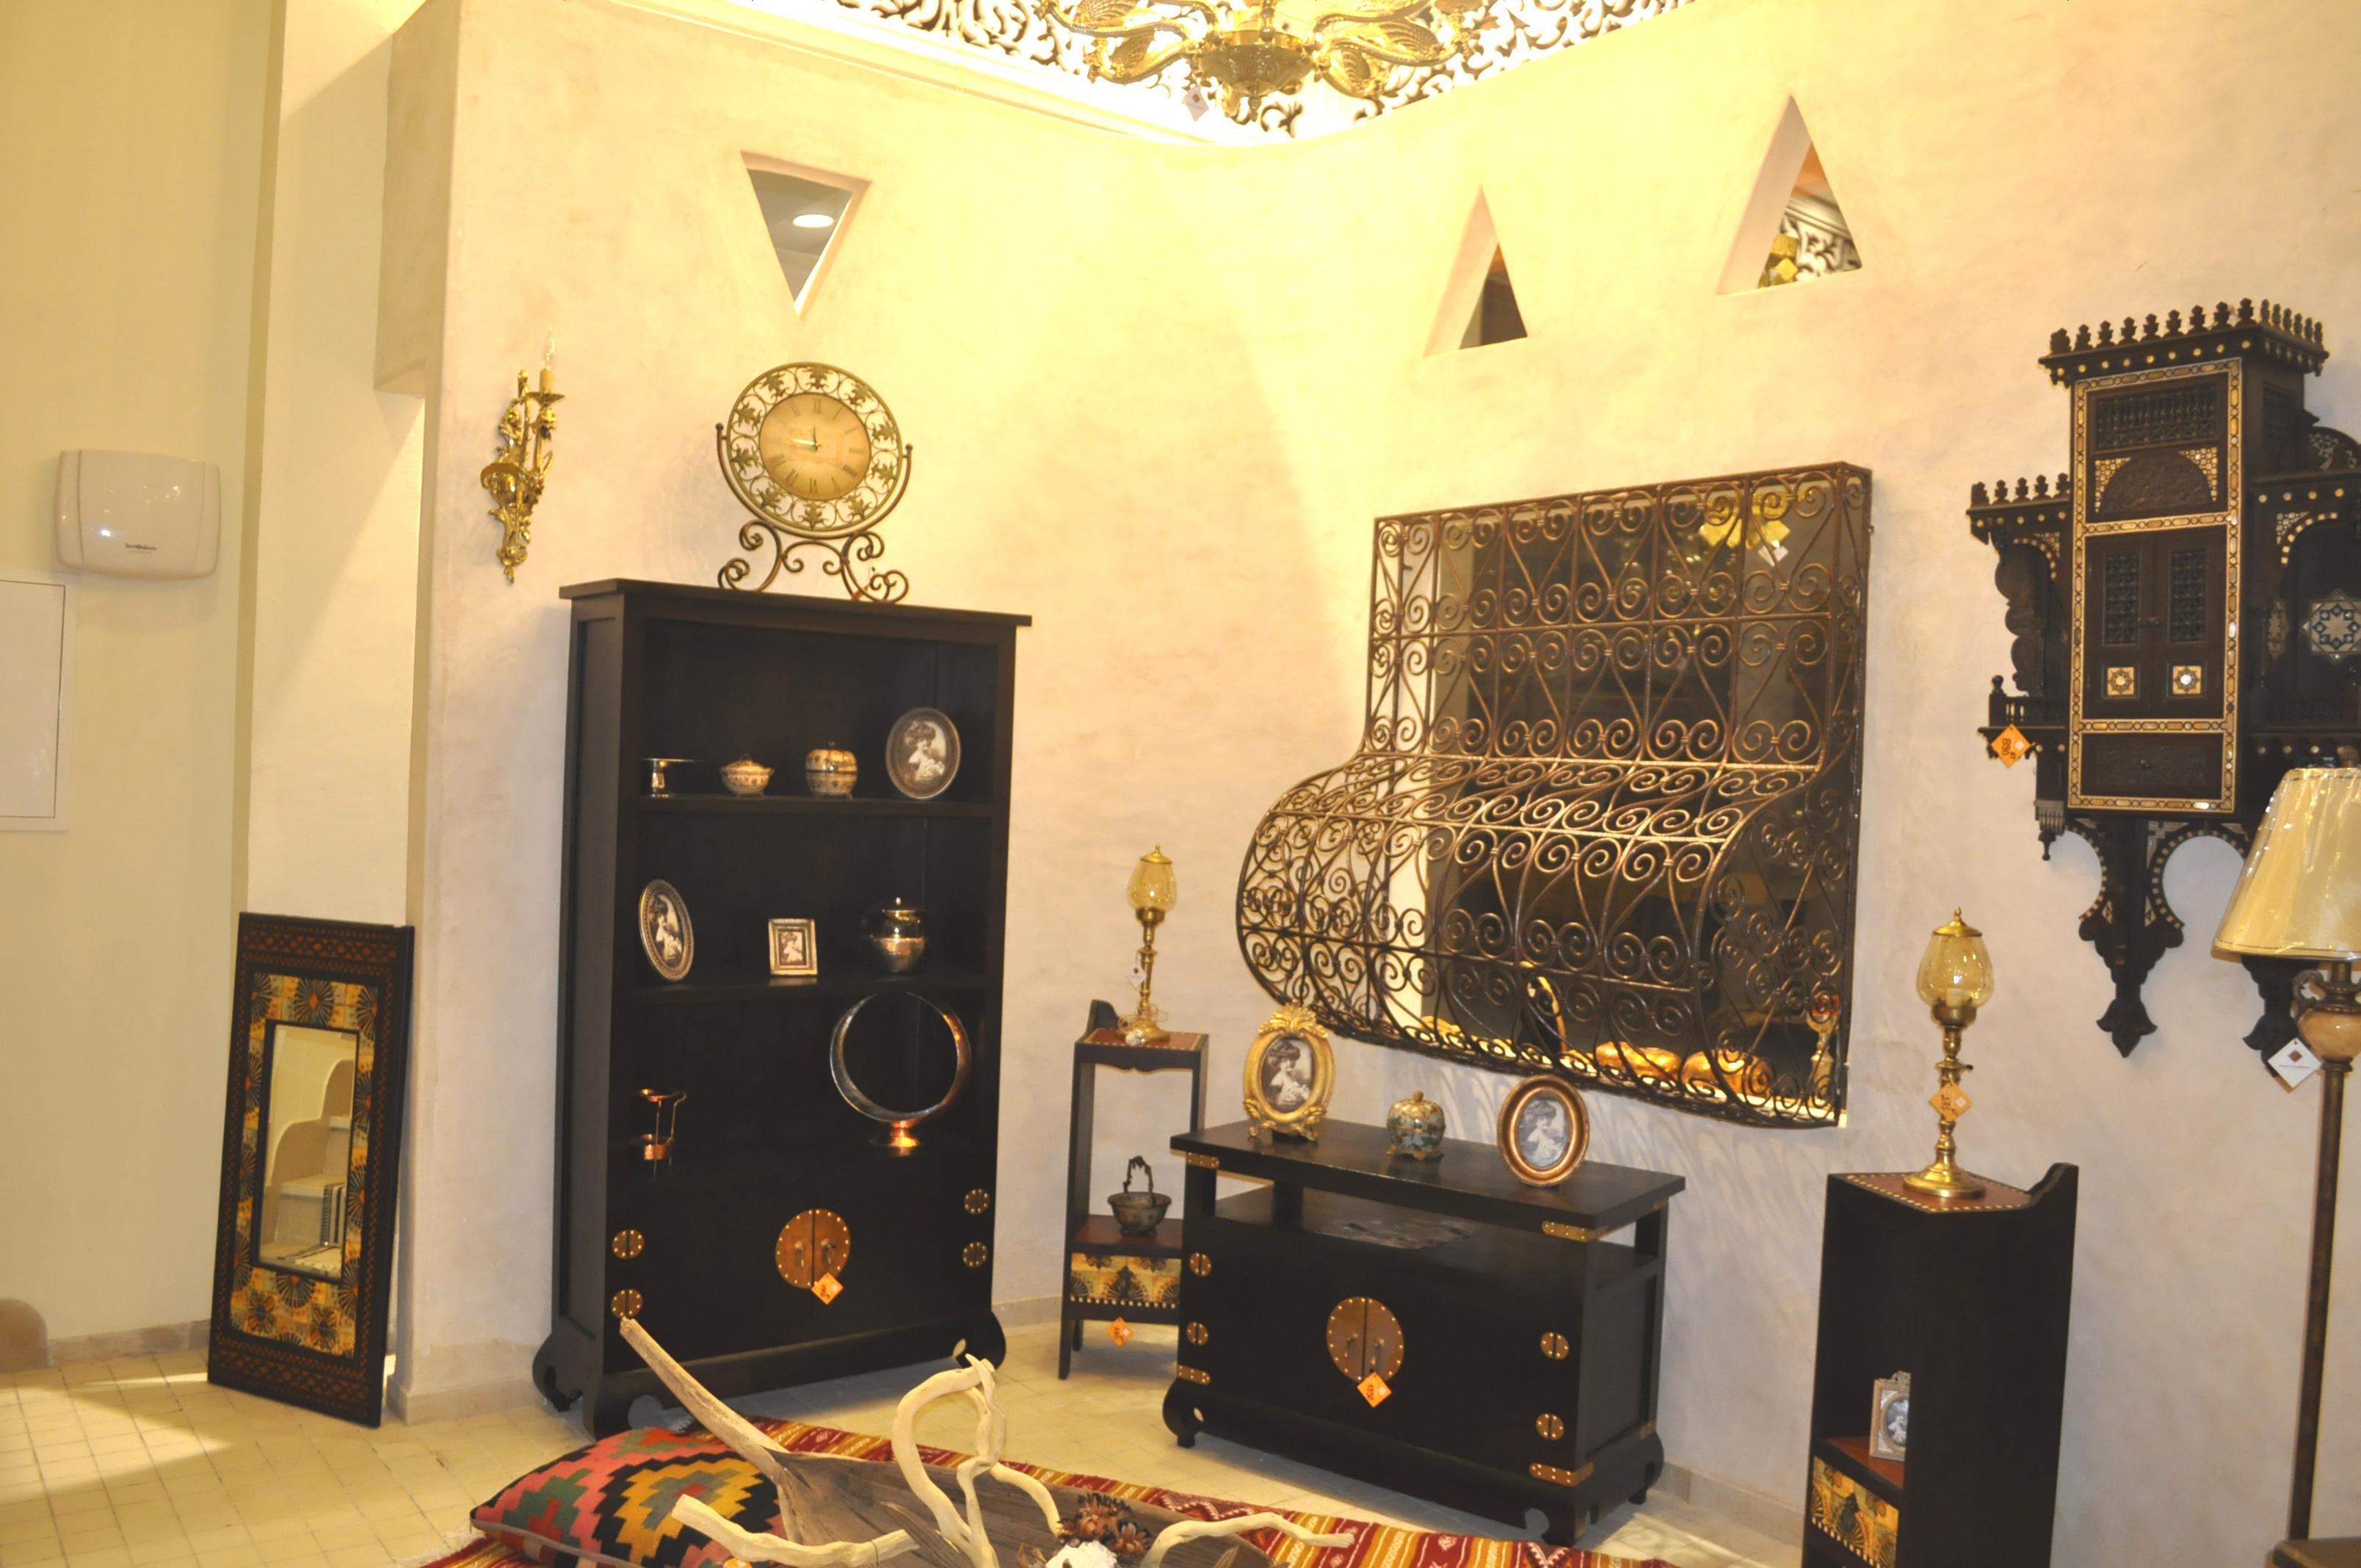 Preview for Meuble artisanal tunisien